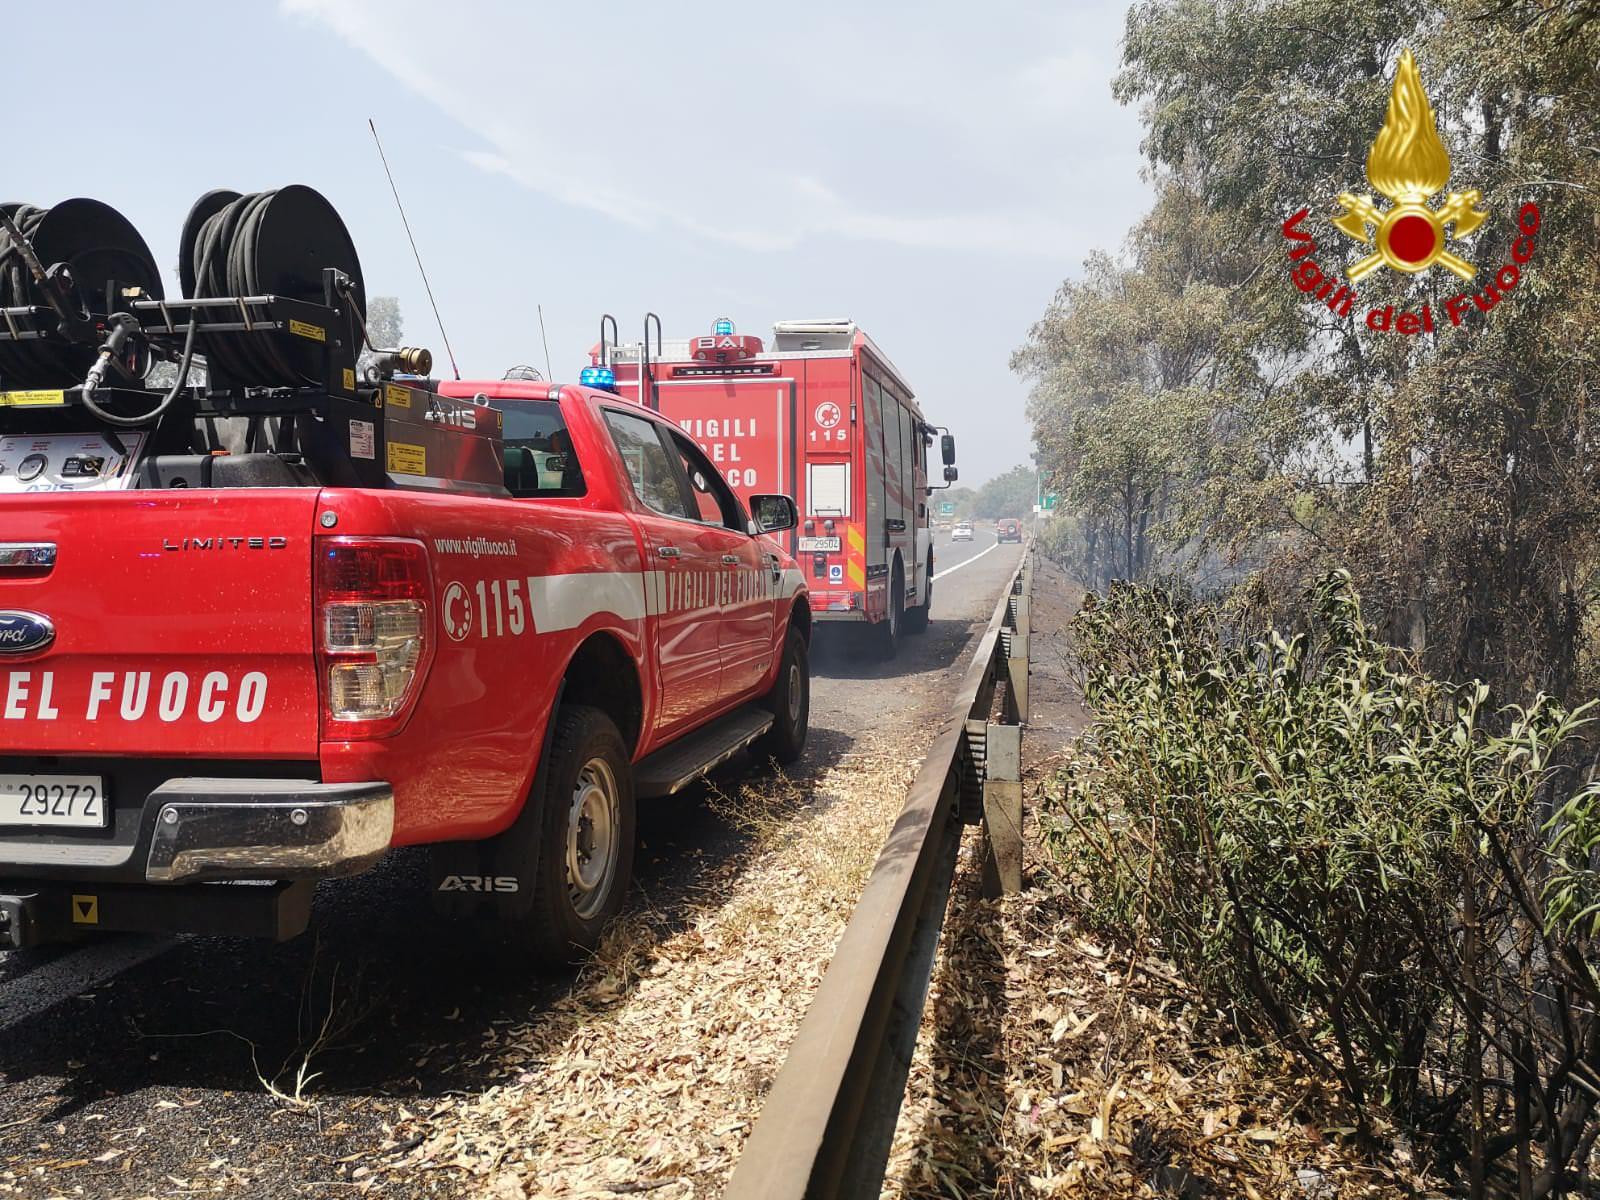 Incendio sulla A18, fiamme a un chilometro dal casello di Acireale: FOTO dei vigili del fuoco